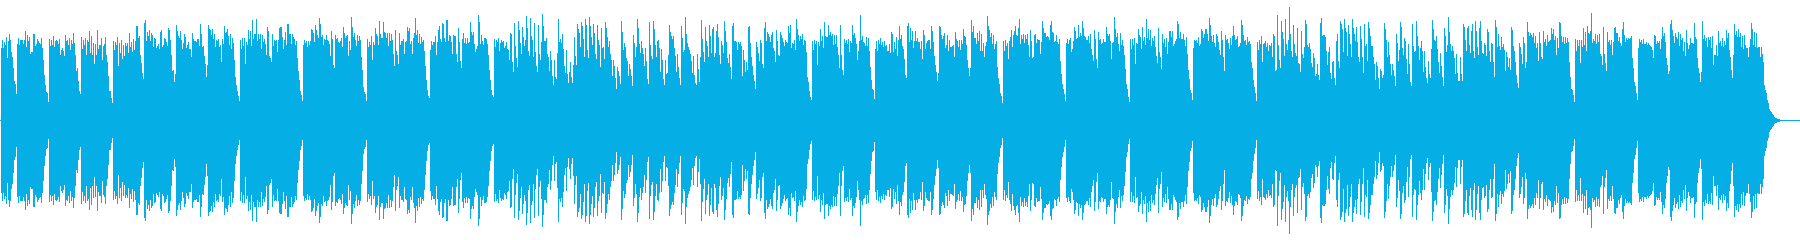 リズミカルなヒーリングミュージックの再生済みの波形